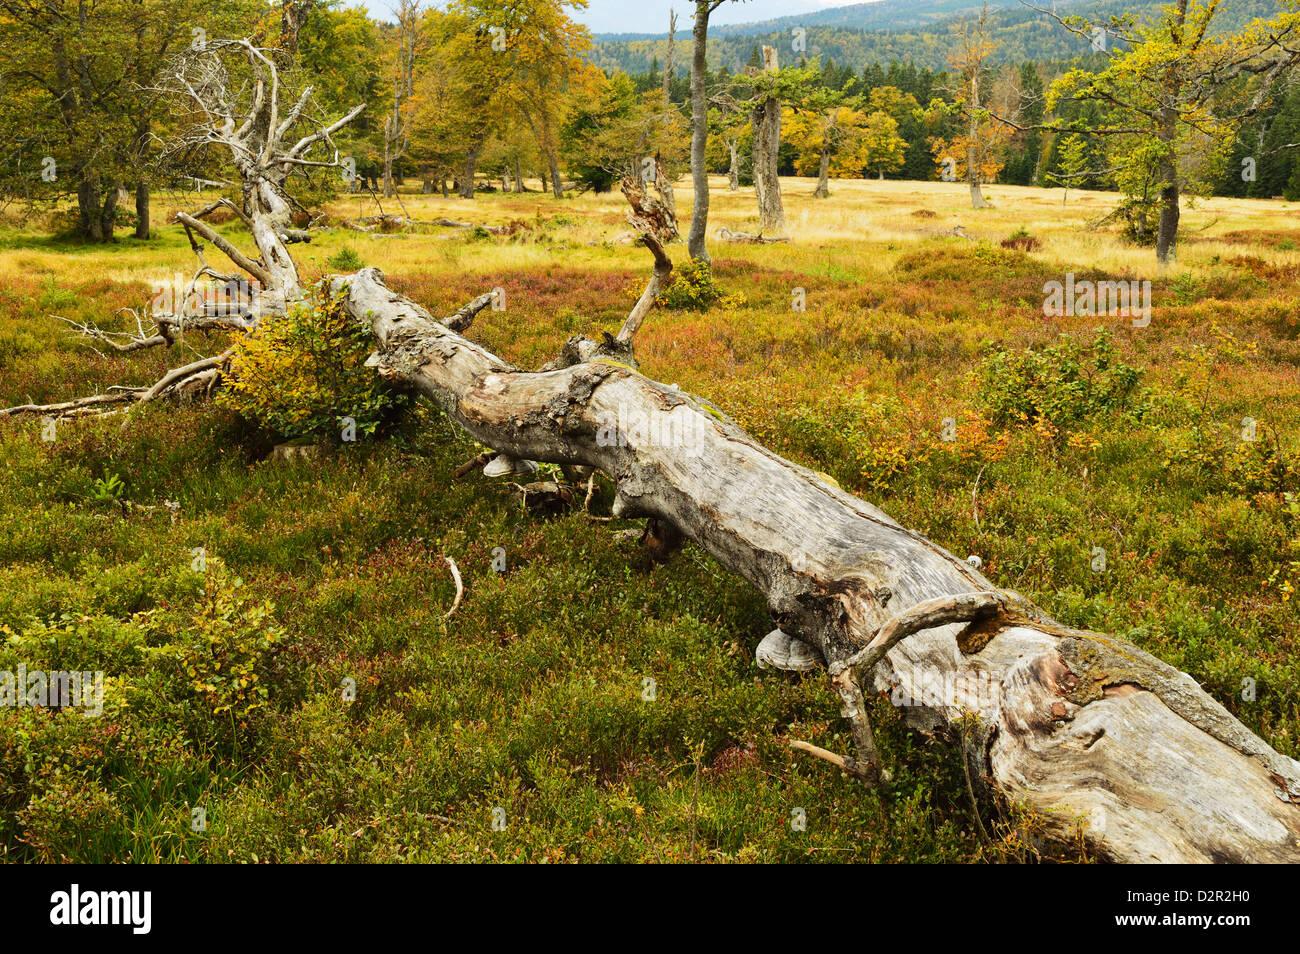 Pature aux couleurs de l'automne, le Parc National de la forêt bavaroise, Bavaria, Germany, Europe Photo Stock